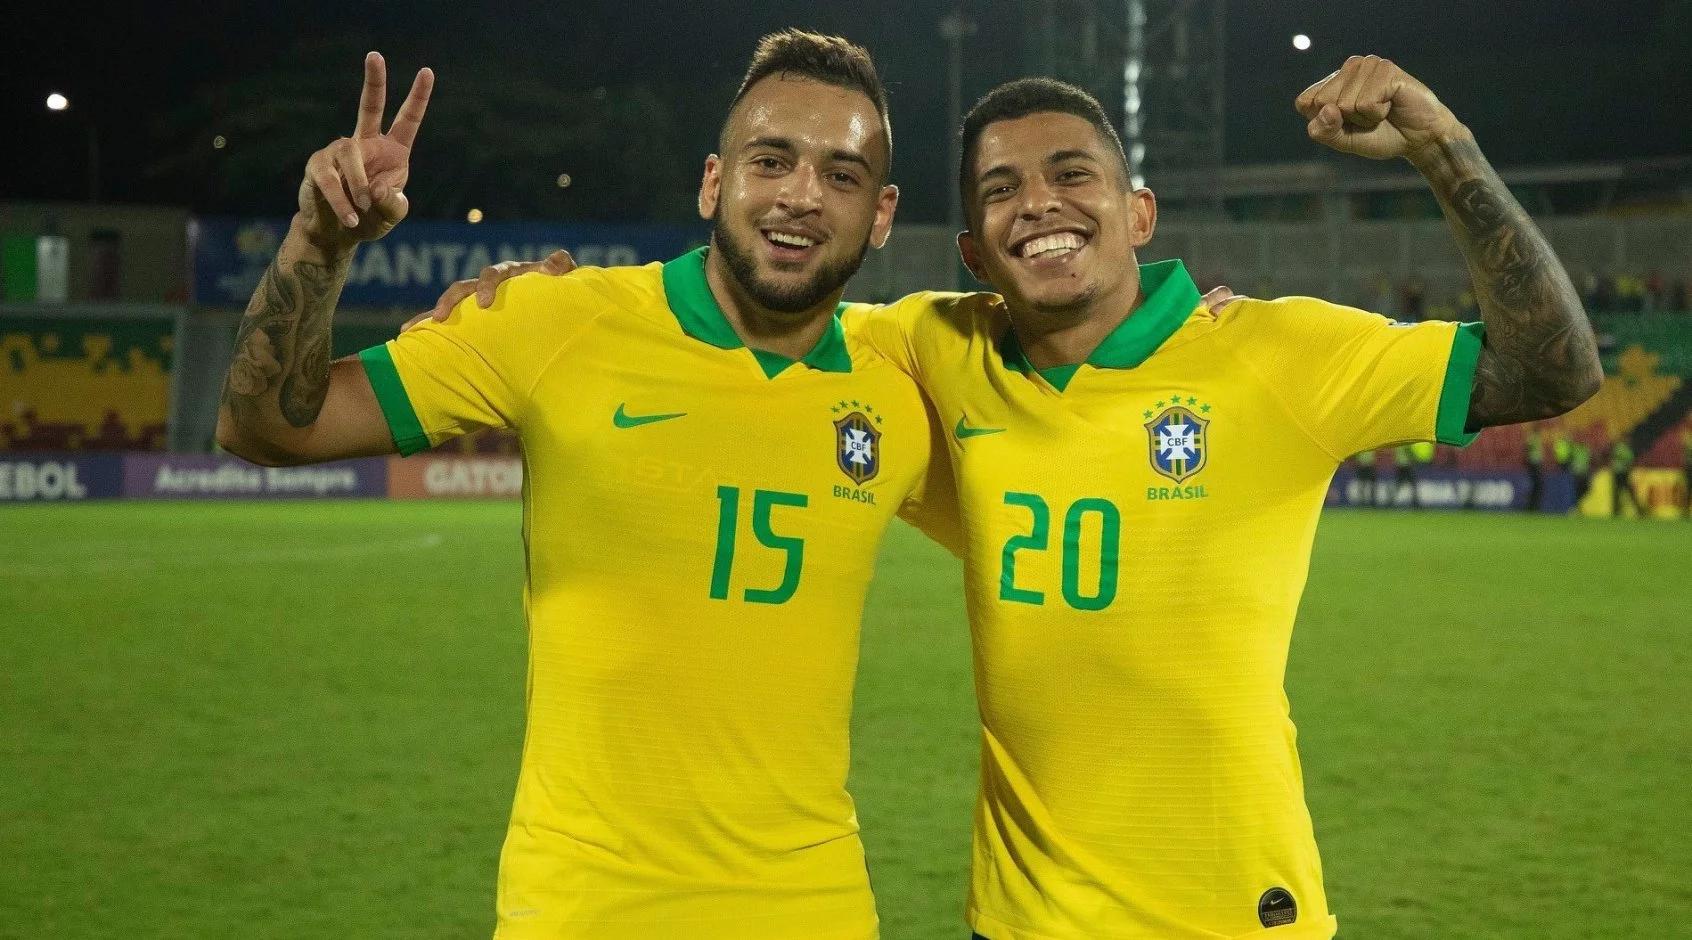 Бразильцы Додо и Майкон в сборной